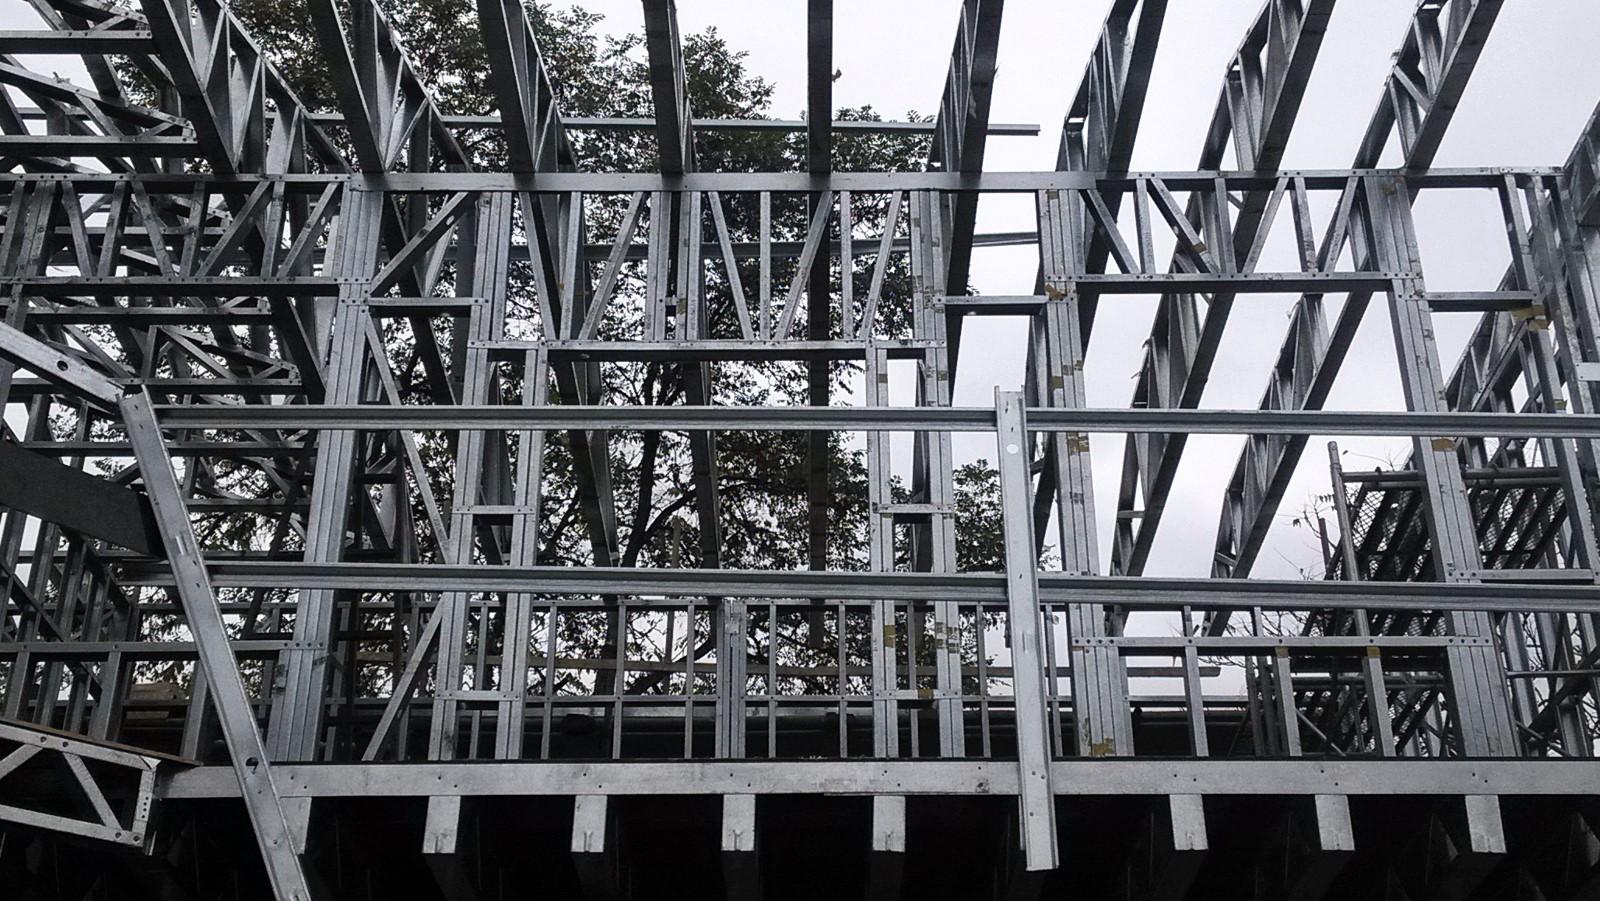 秦安县叶堡镇农村住宅|案例展示-天水大成隆源建筑新材料有限公司